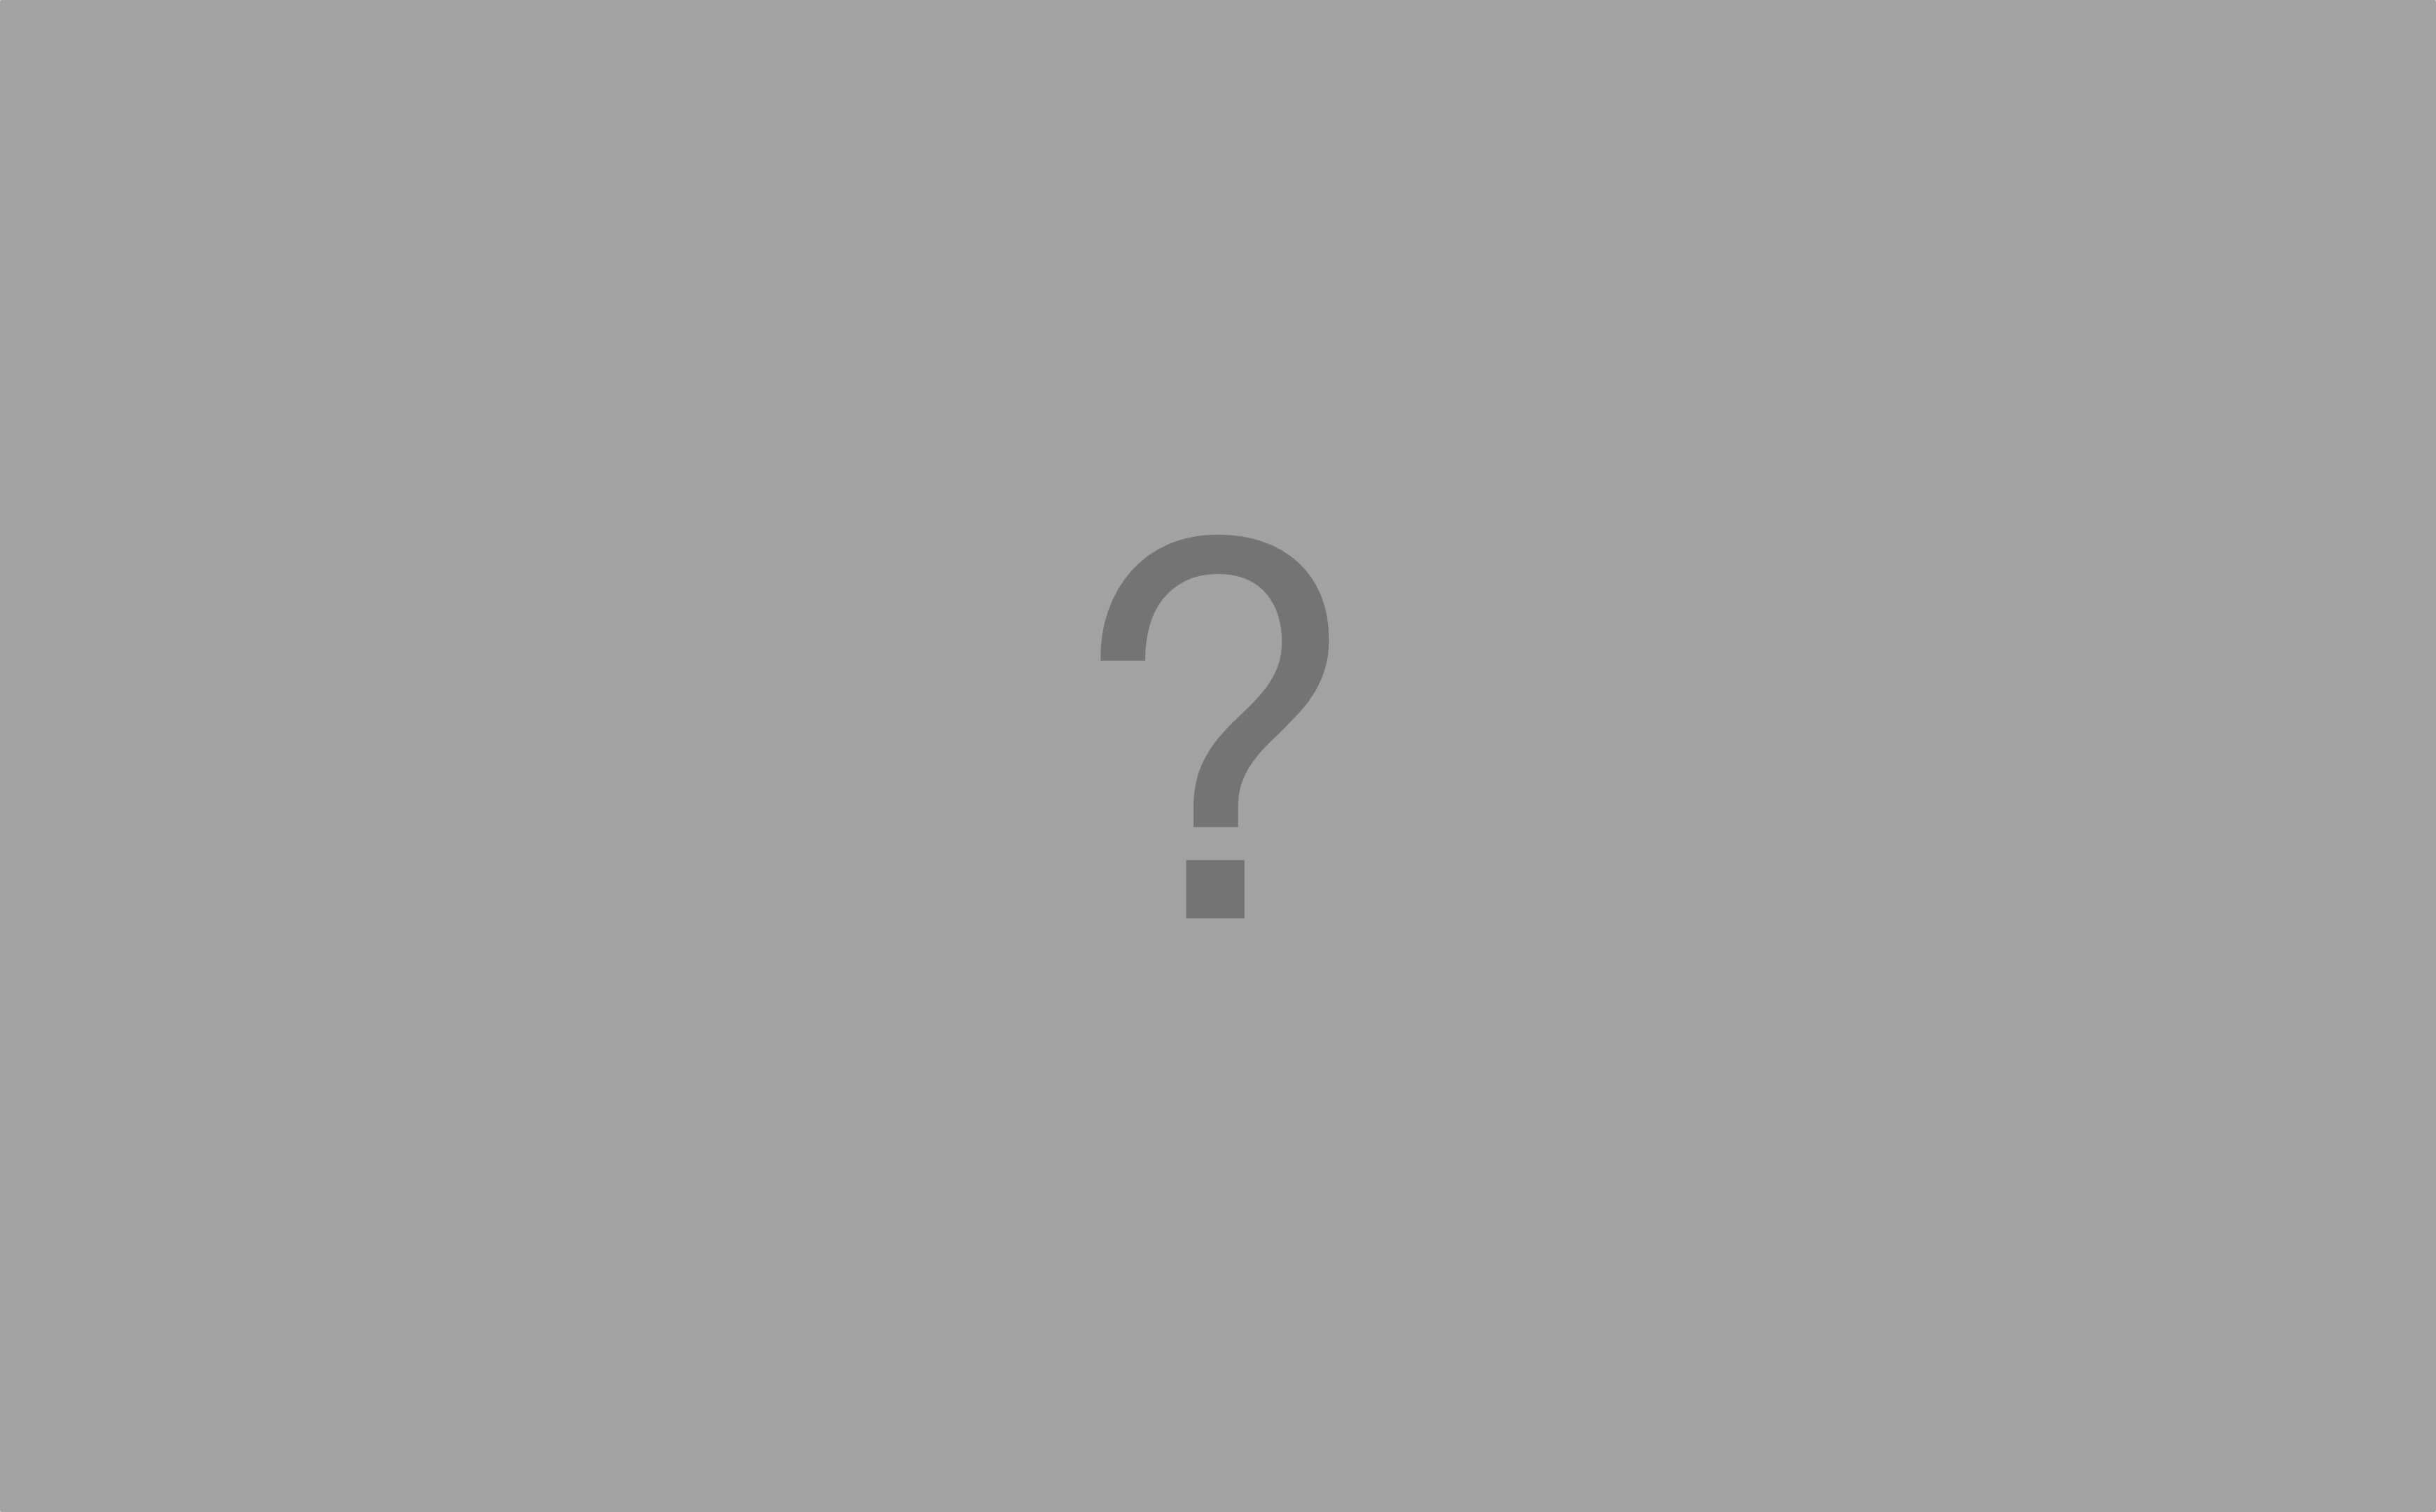 iPhone SE 2: Geleakte Bilder zeigen Modell mit Kopfhöreranschluss